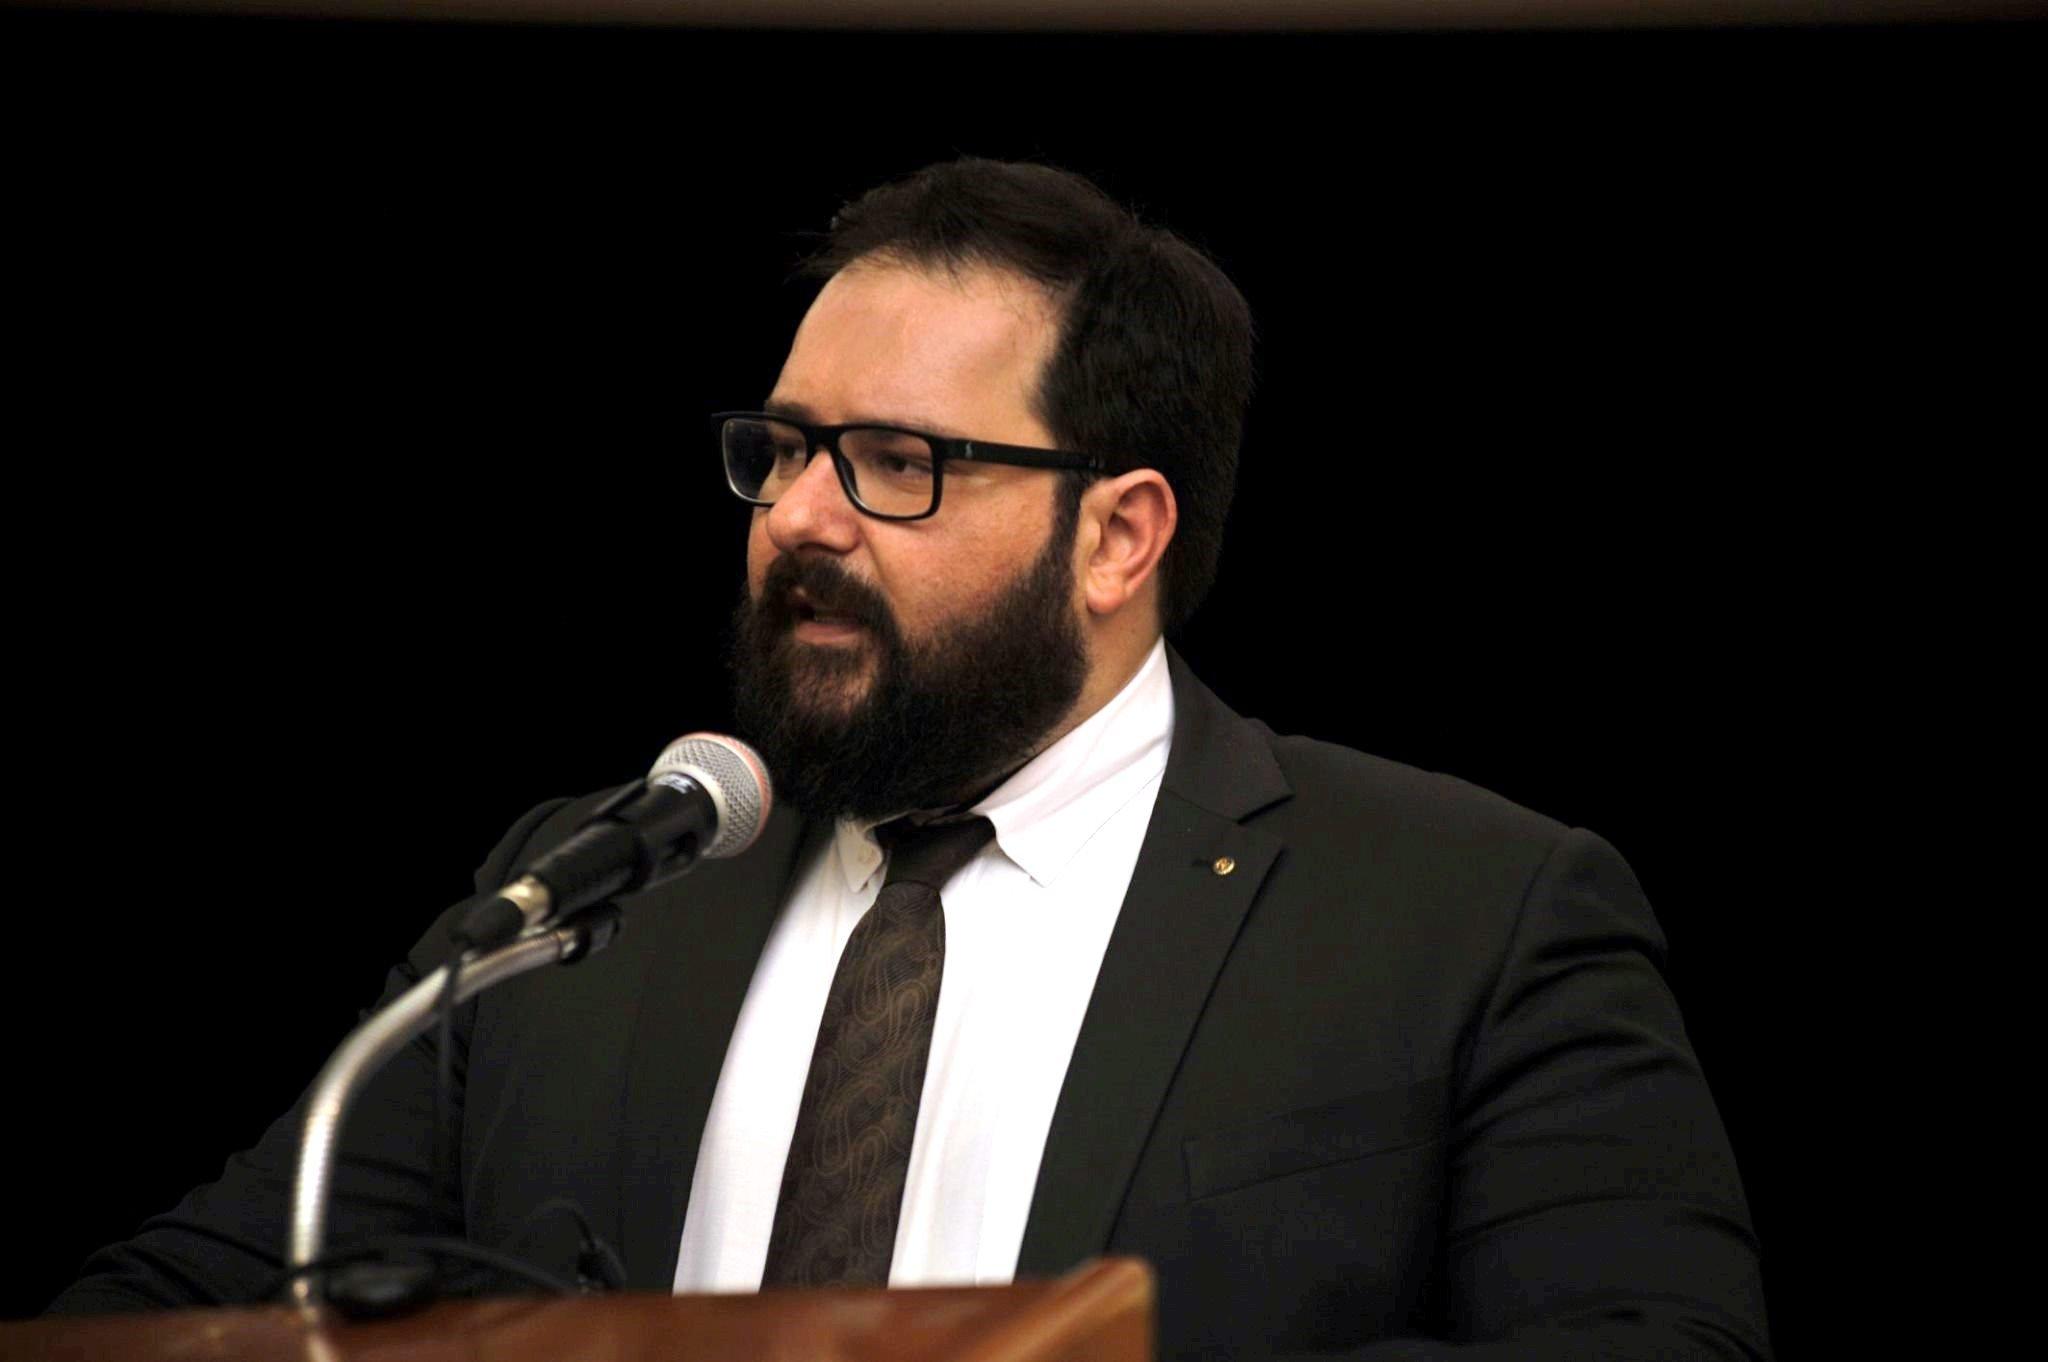 Κωνσταντίνος Γώγος: Ανακοίνωση υποψηφιότητας για τις αρχαιρεσίες ανάδειξης του ΔΣ της Ένωσης Ποινικολόγων και Μαχόμενων Δικηγόρων